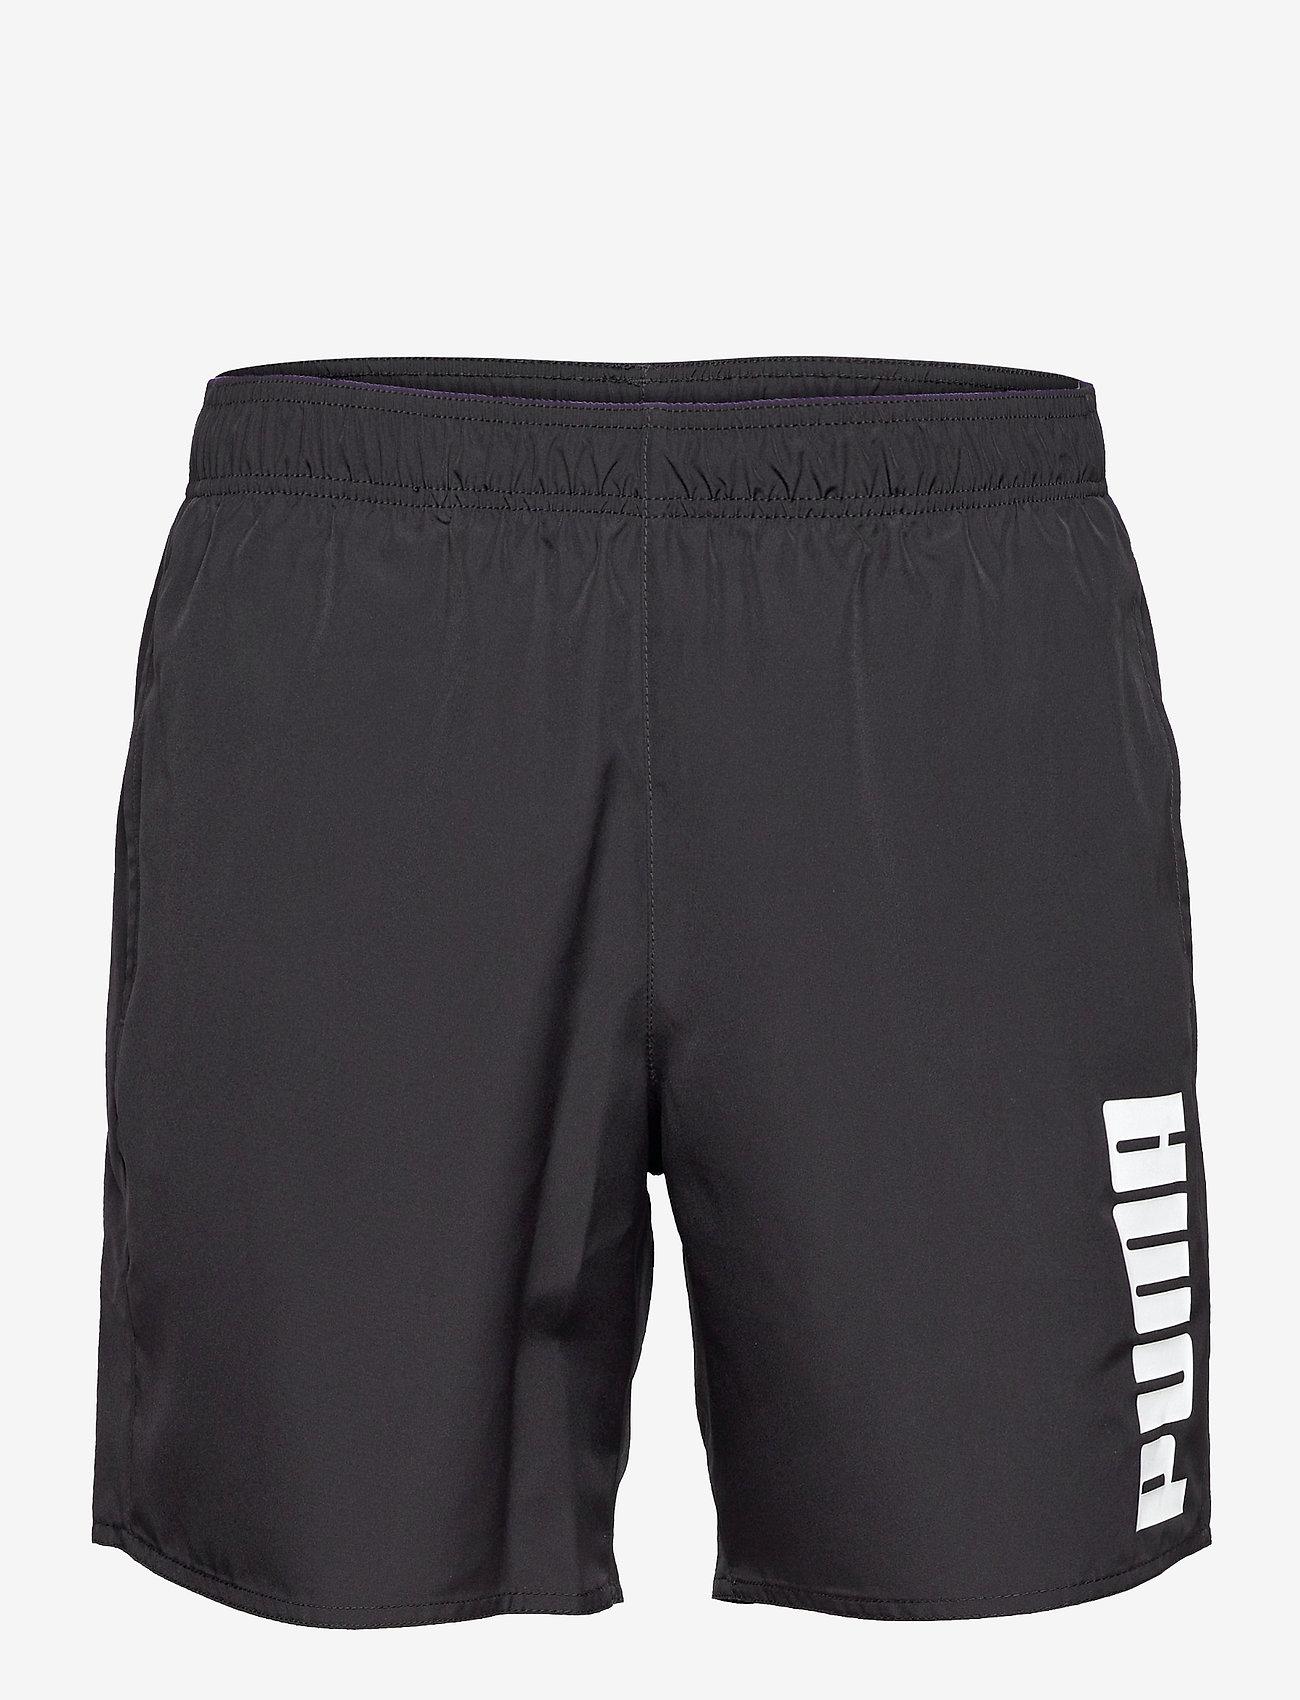 Puma Swim - PUMA SWIM MEN MID SHORTS 1P - badbyxor - black - 0